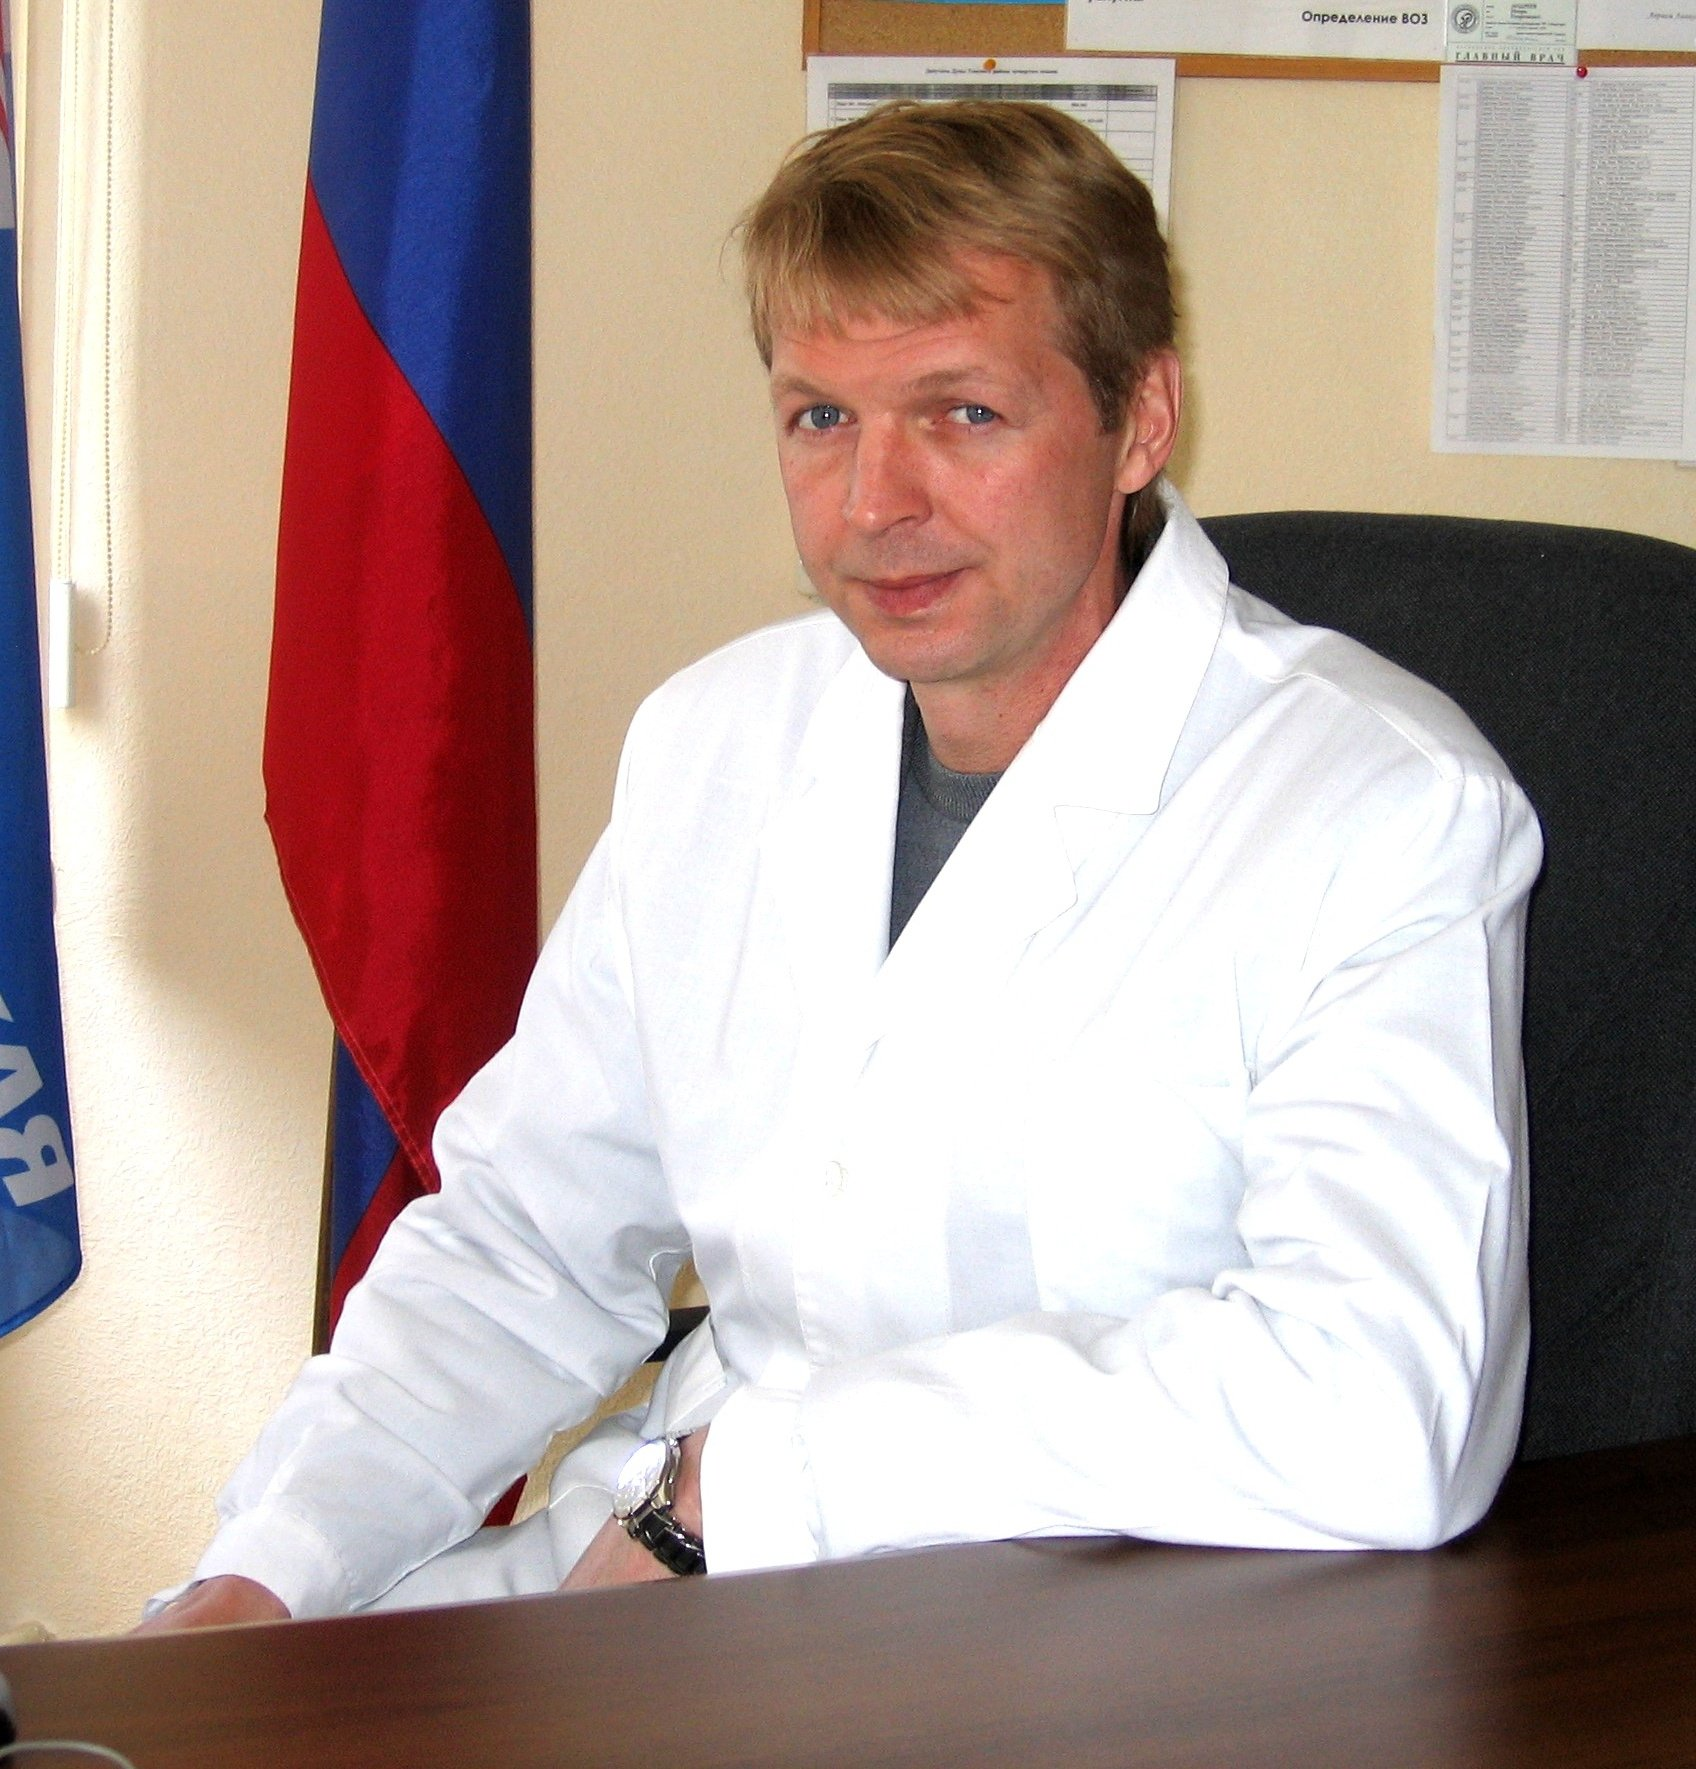 Андреев Игорь Георгиевич